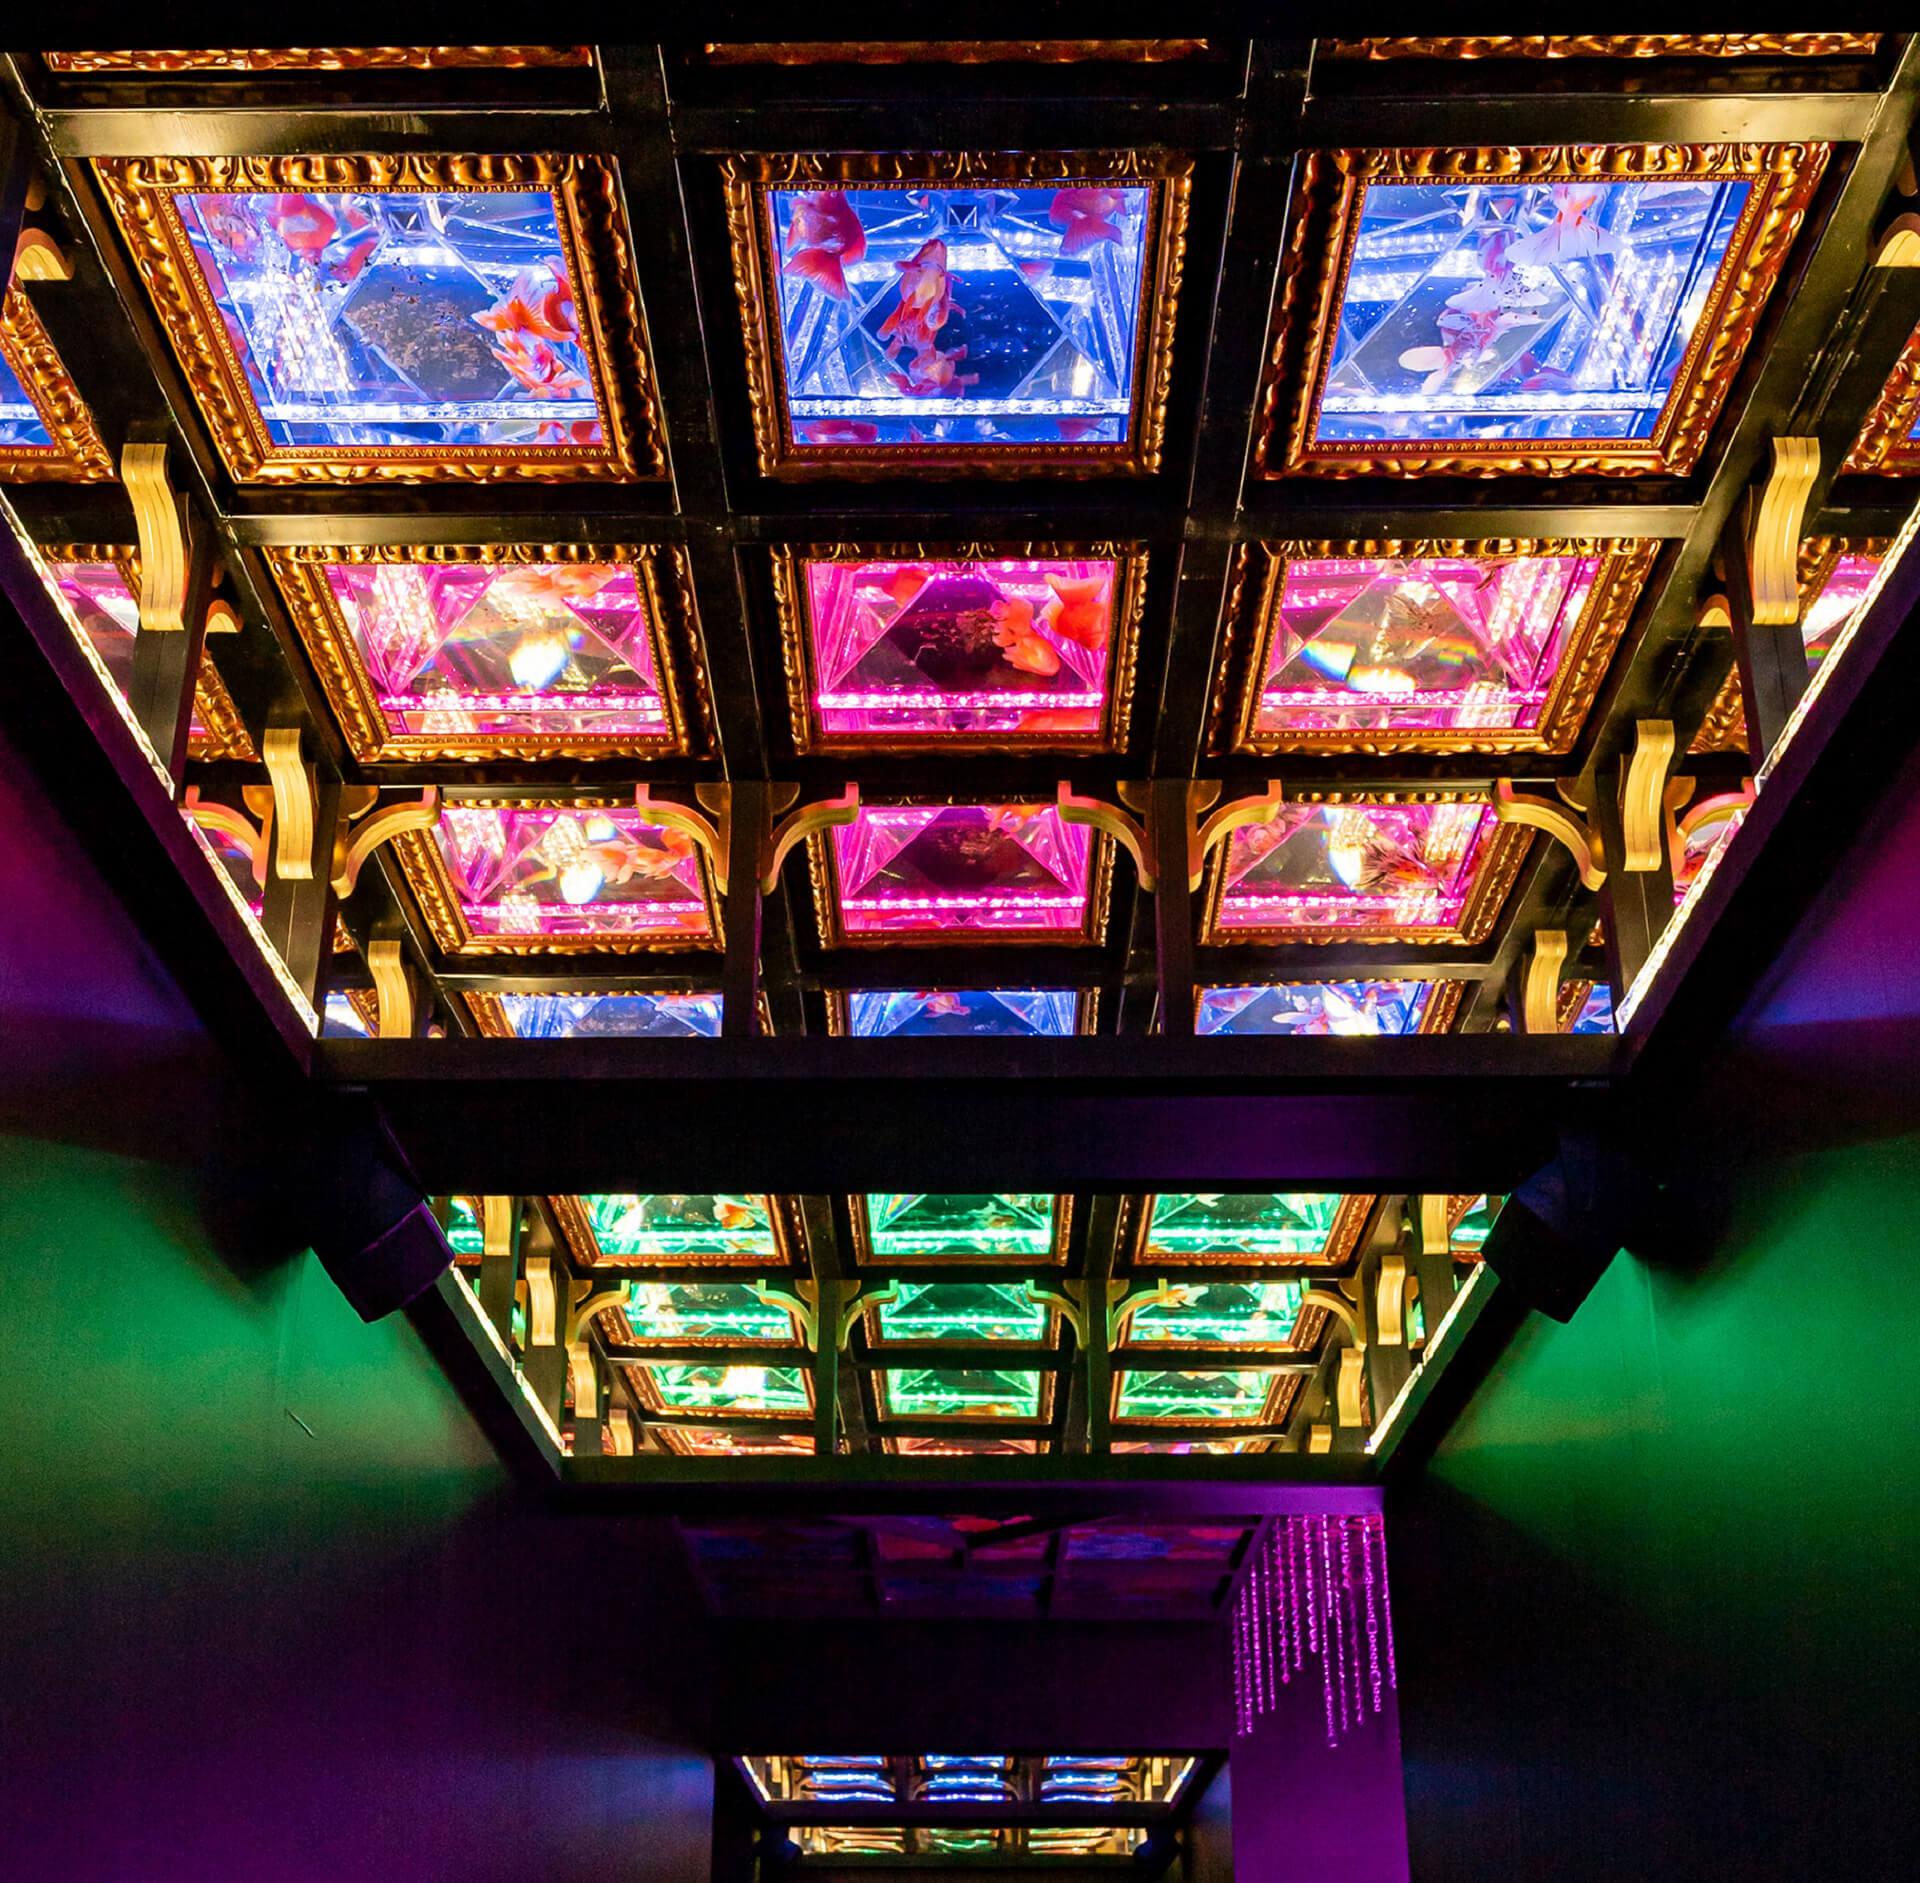 アートアクアリウム美術館